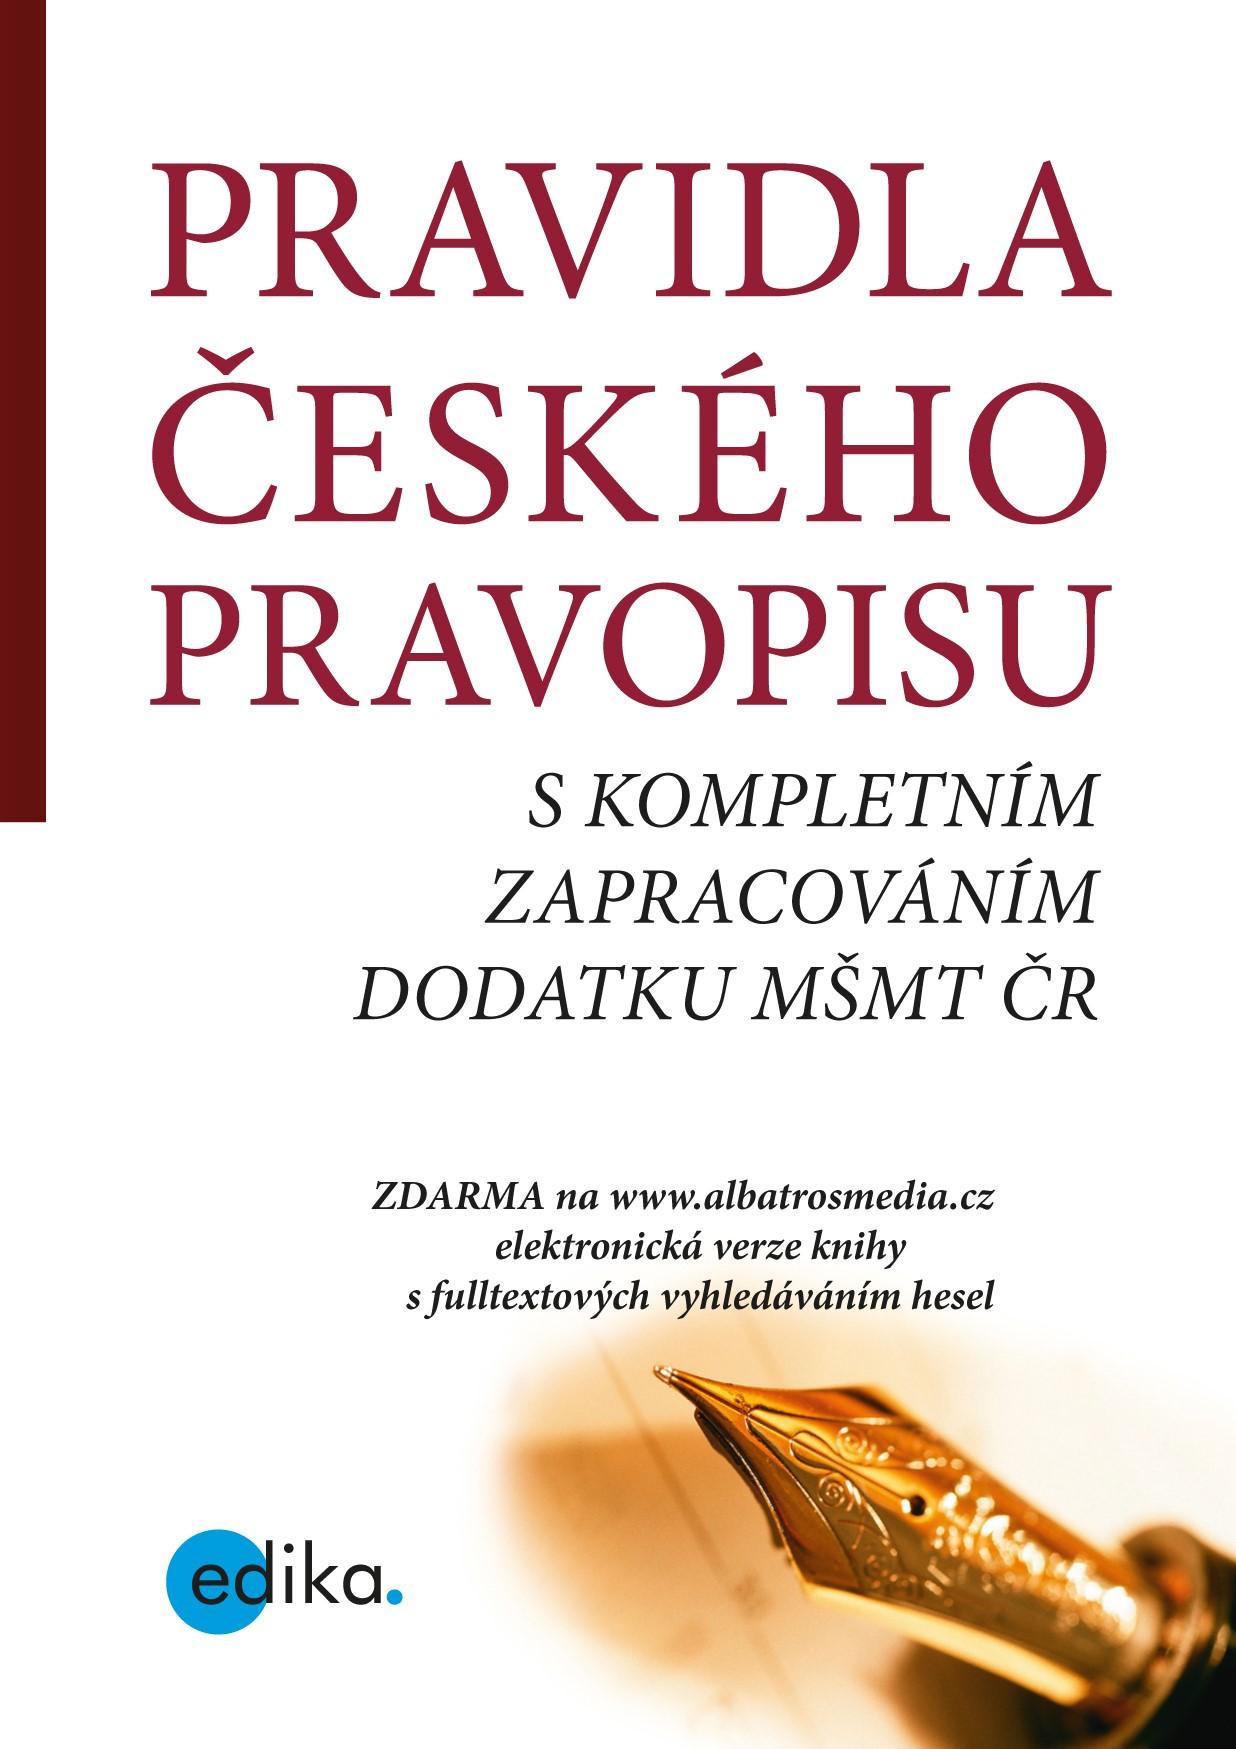 Pravidla českého pravopisu | TZ-one